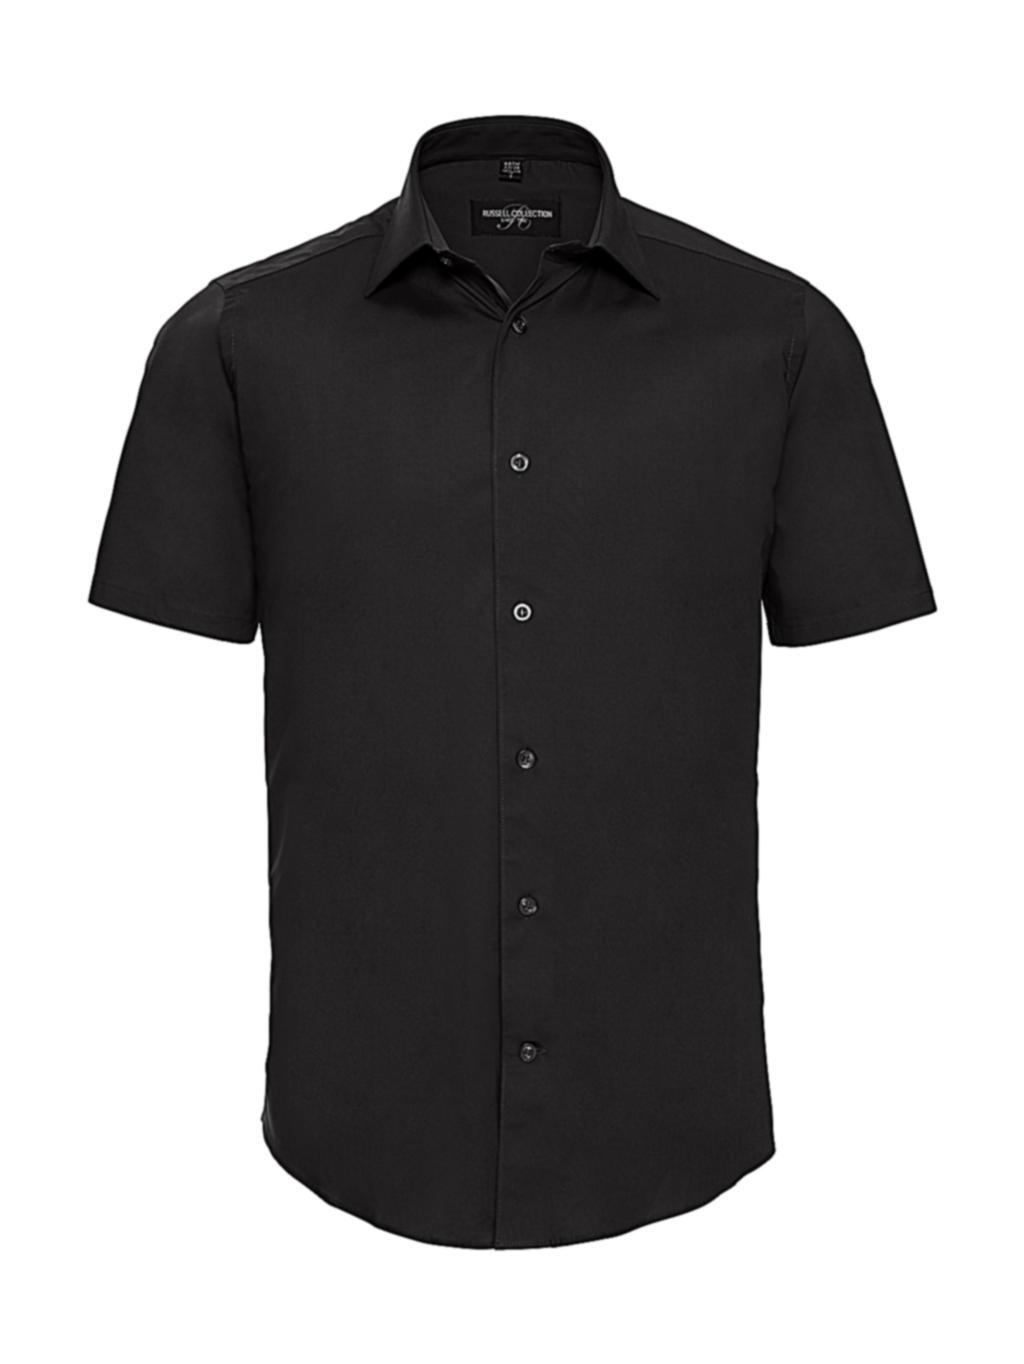 Vypasovaná košile s krátkým rukávem - zvìtšit obrázek